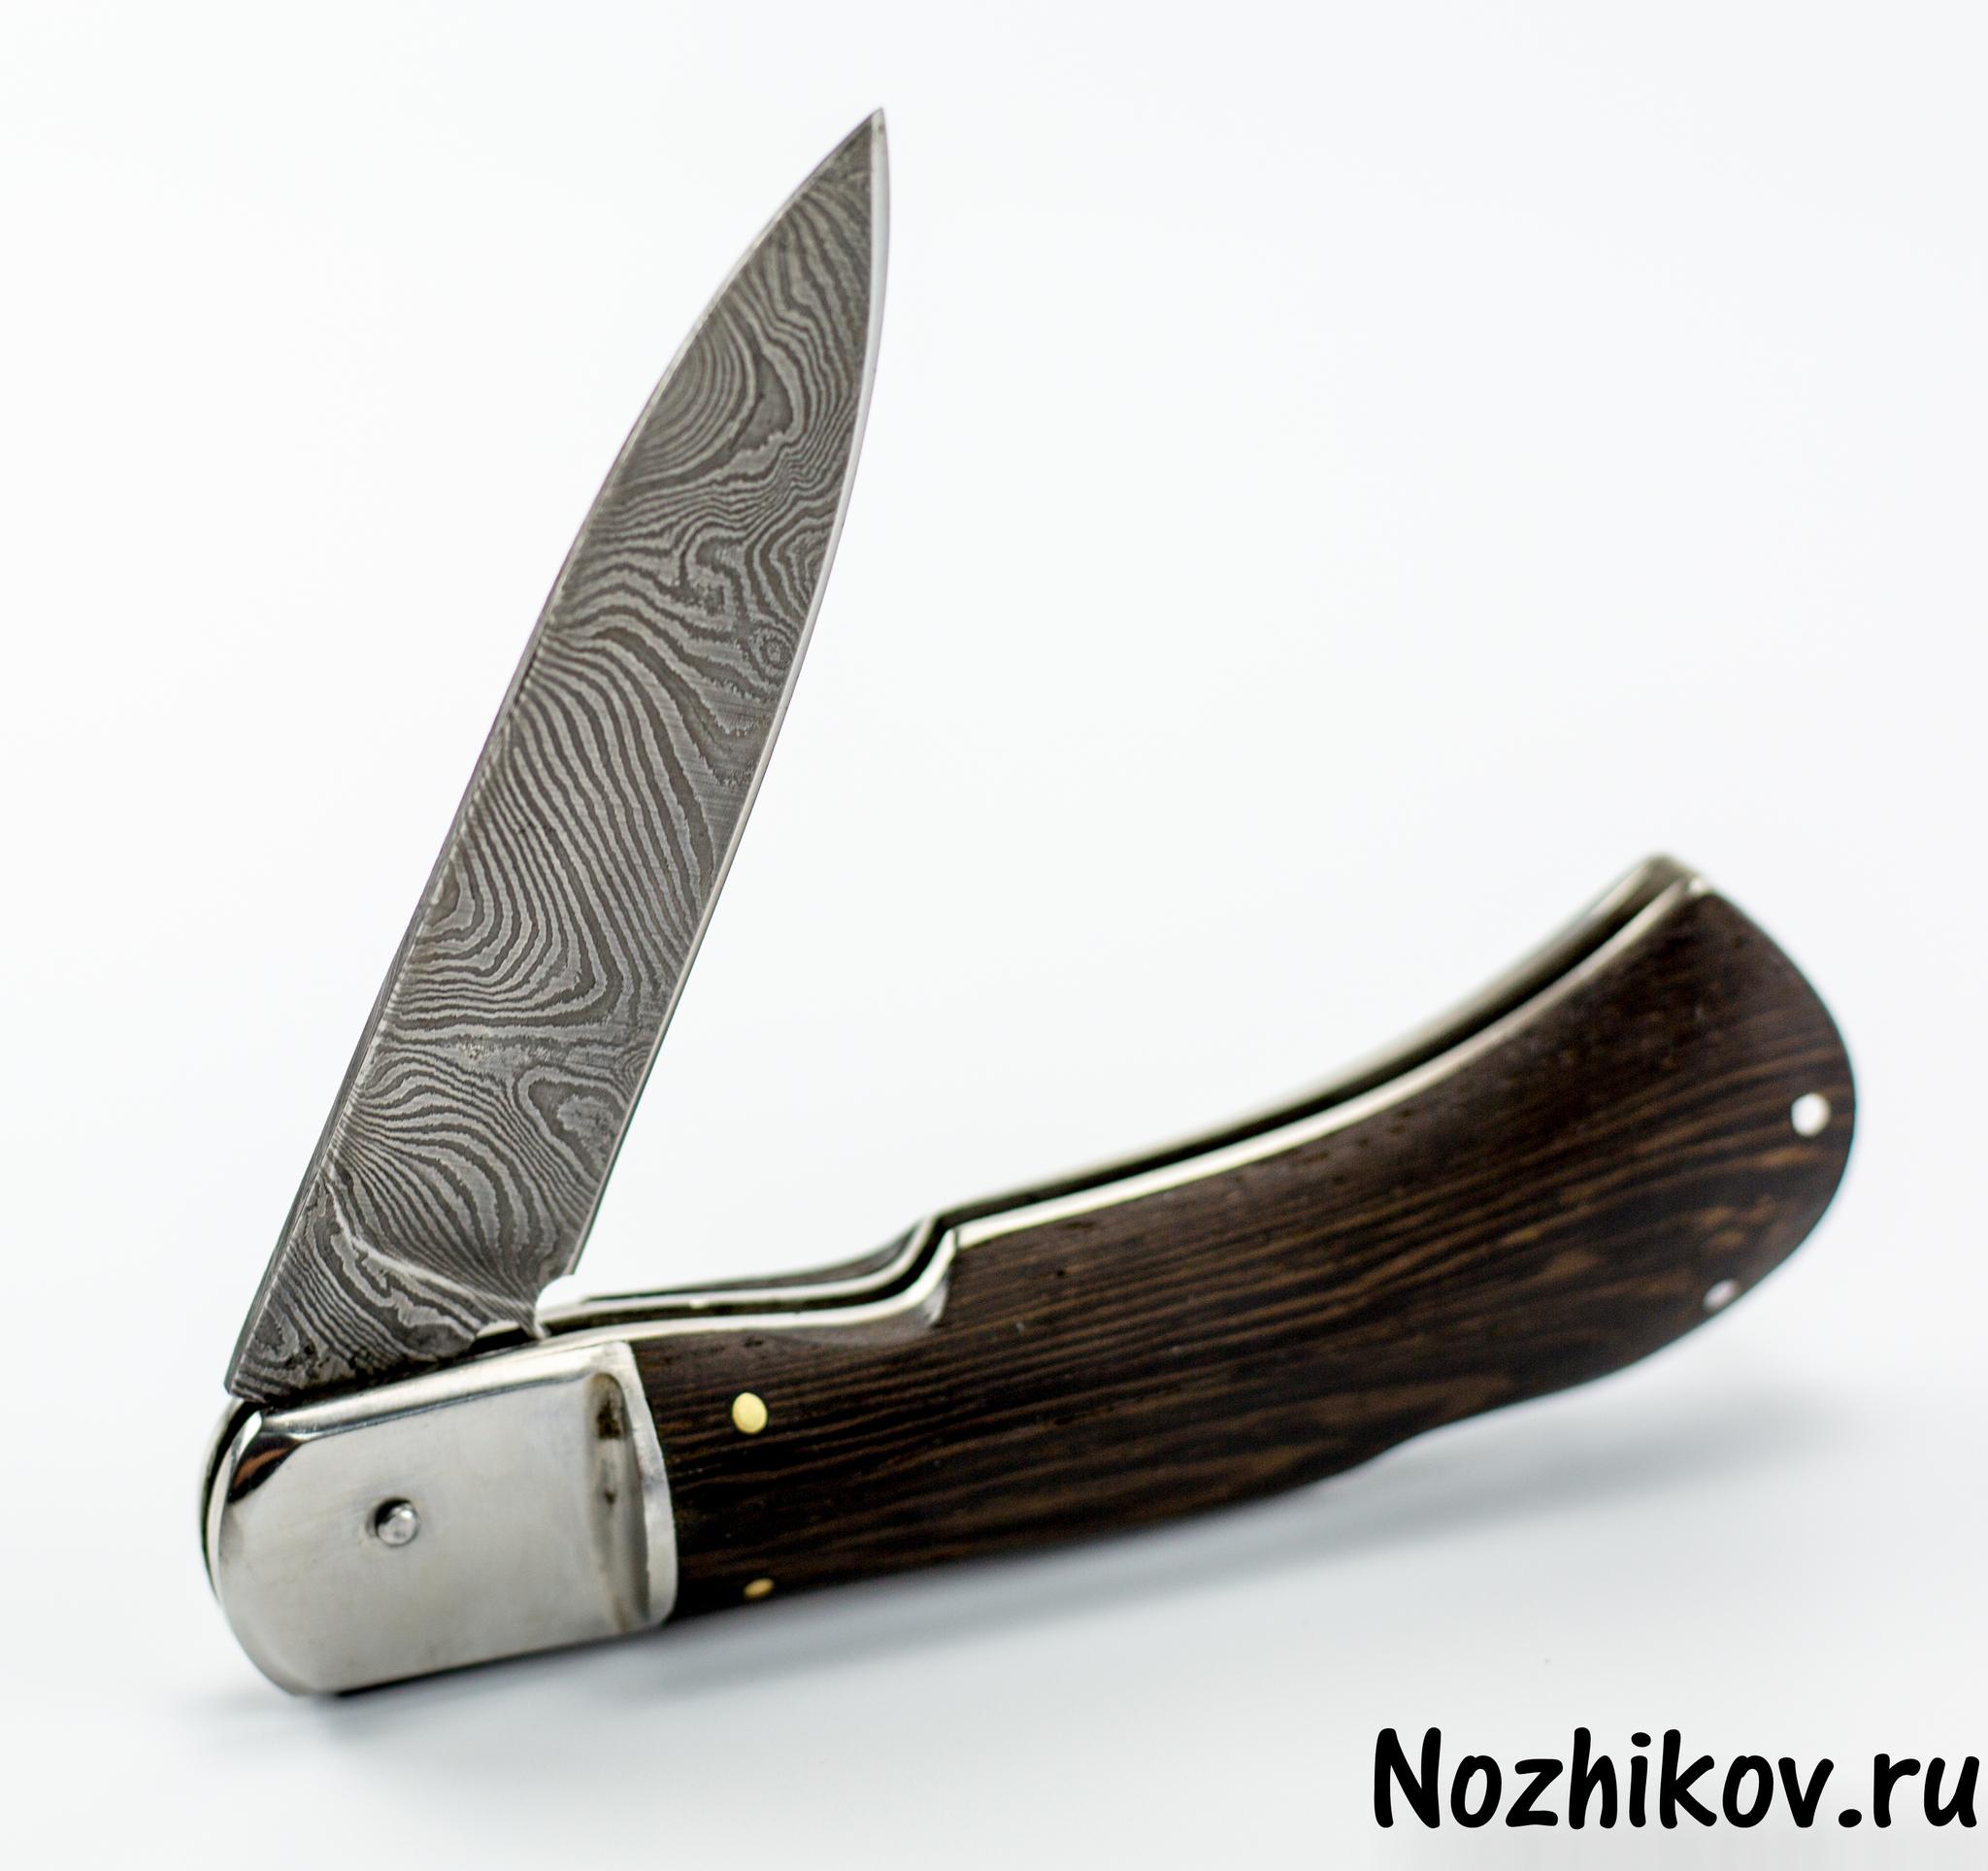 Выкидной нож Сталкер, дамаск